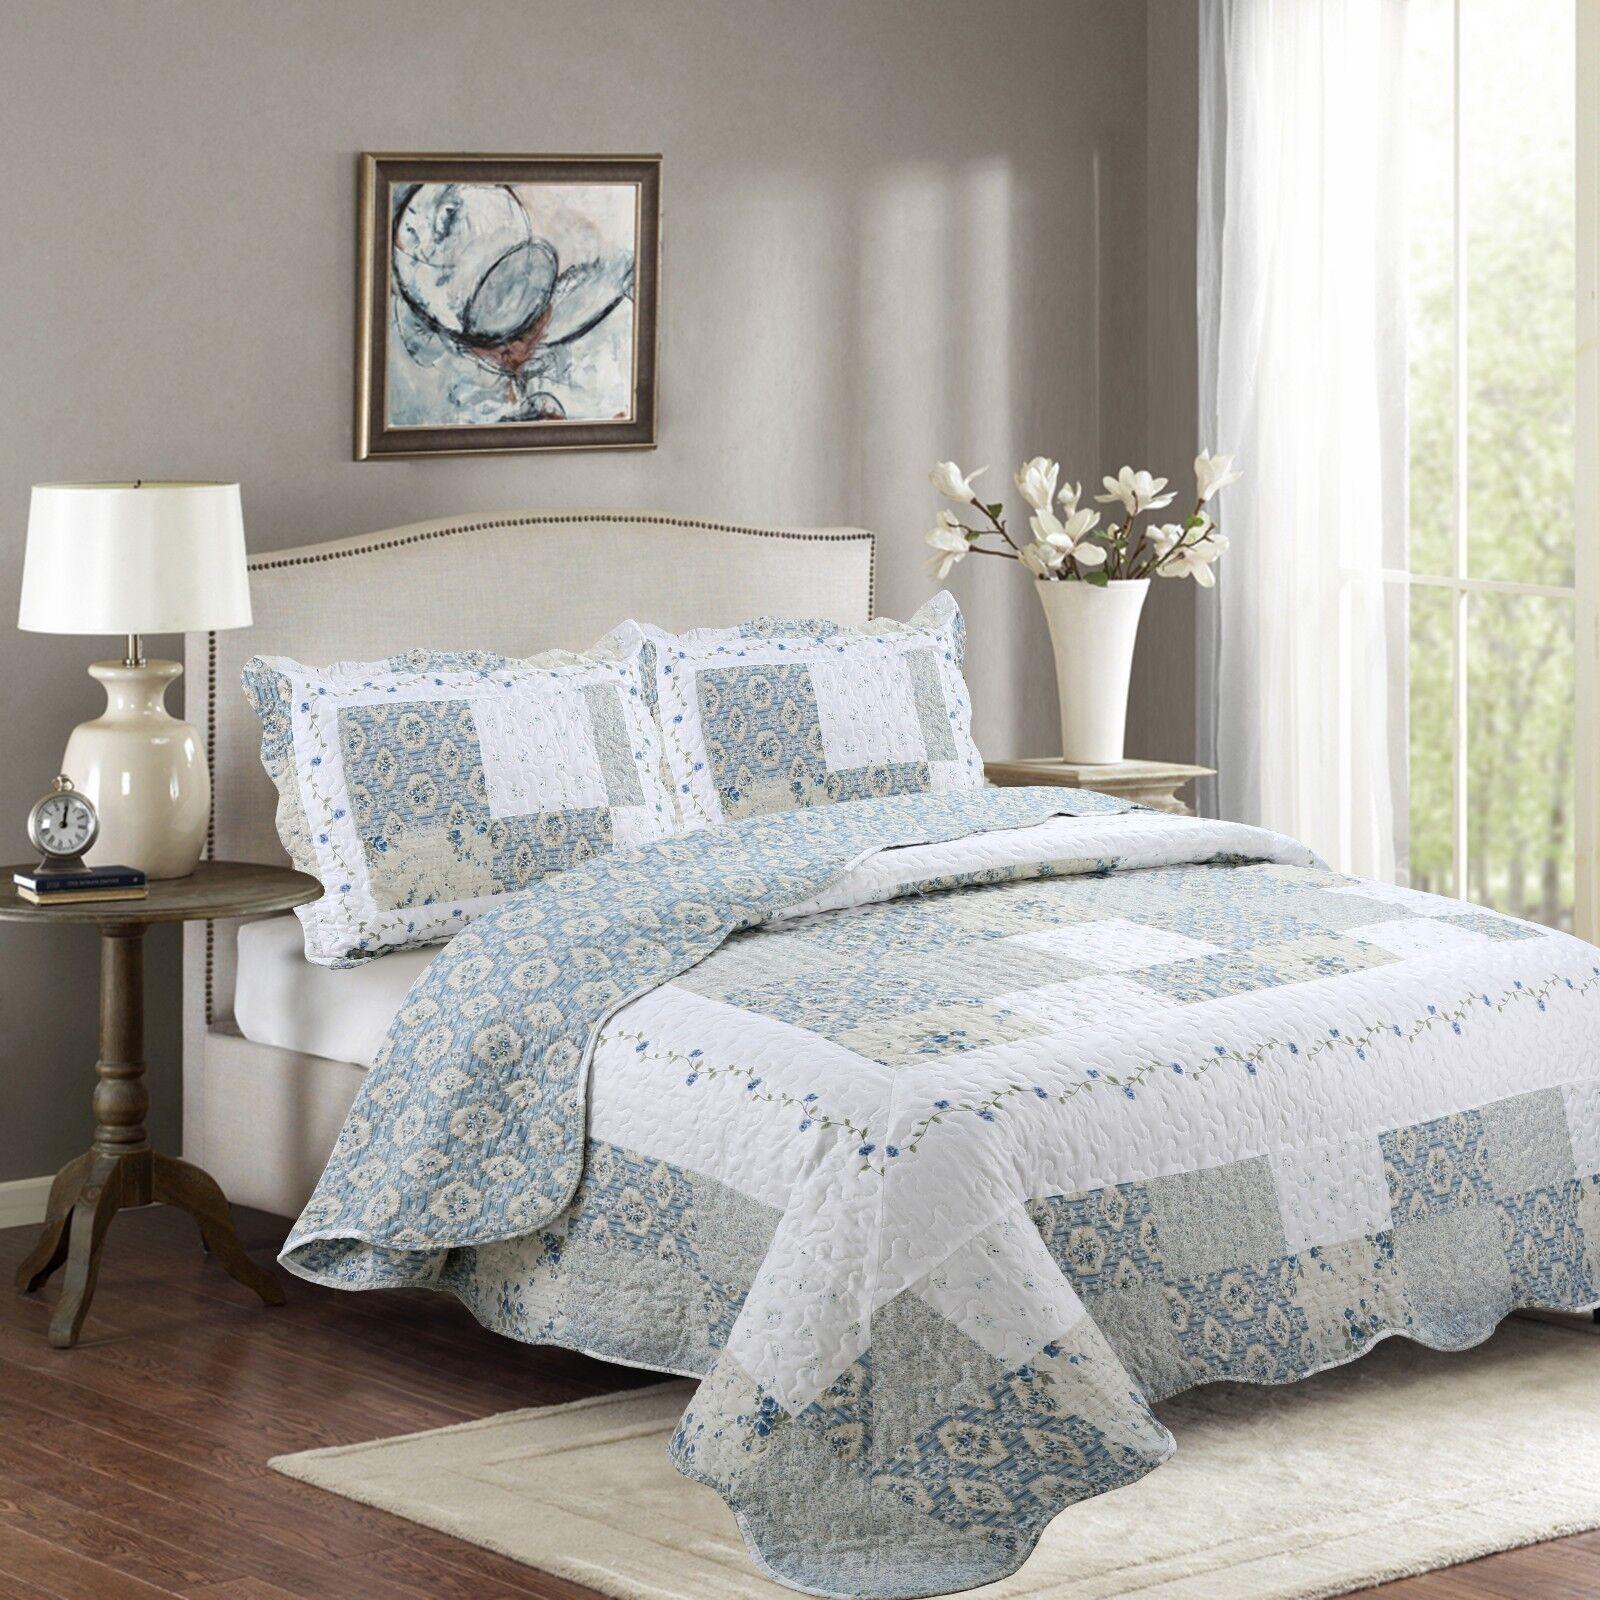 Fancy Linen Reversible Bedspread Floral White Blue Beige All